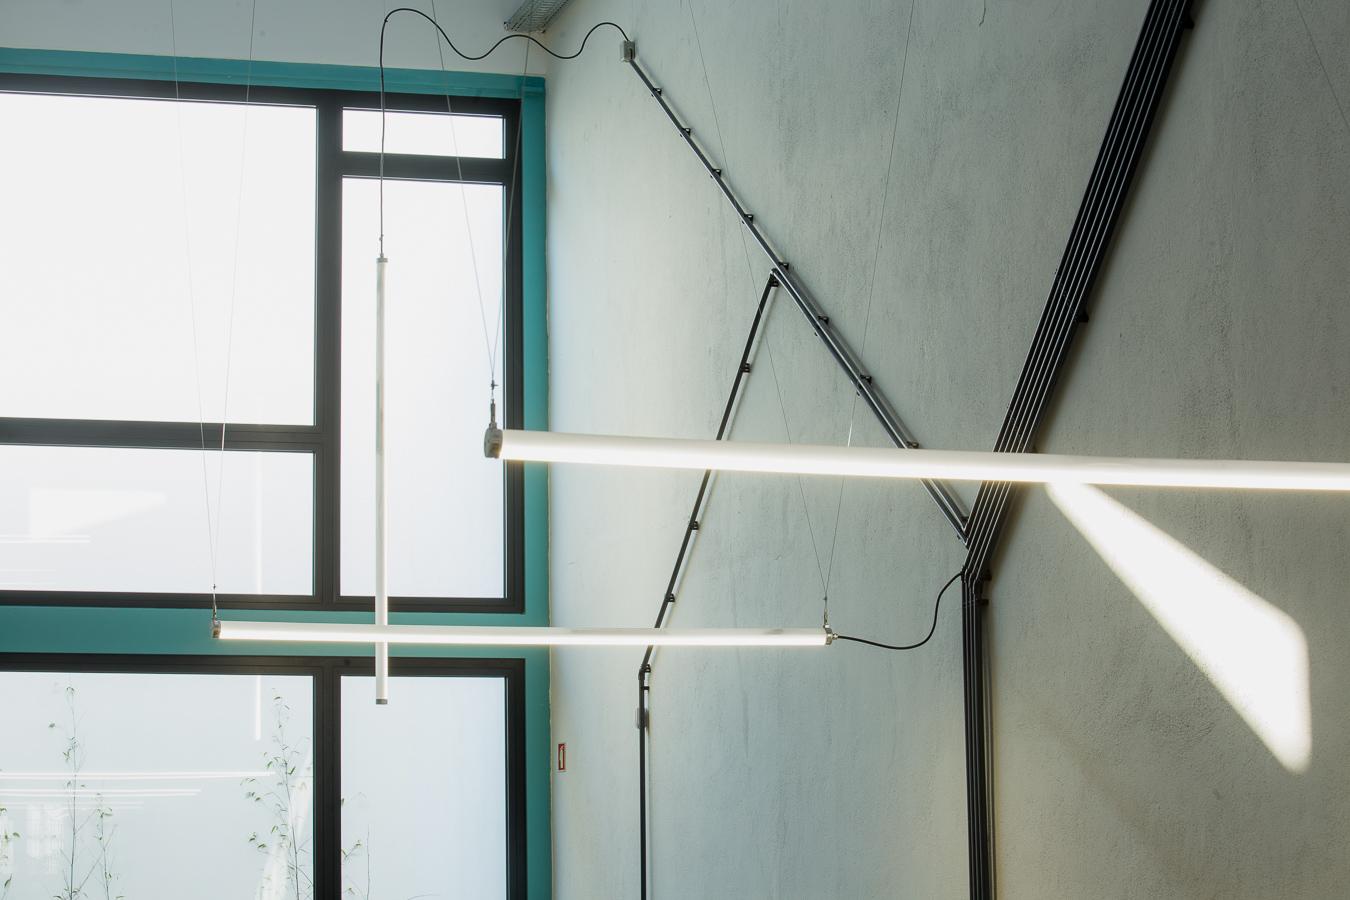 Arquitecto César Machado Moreira | Armazém 298